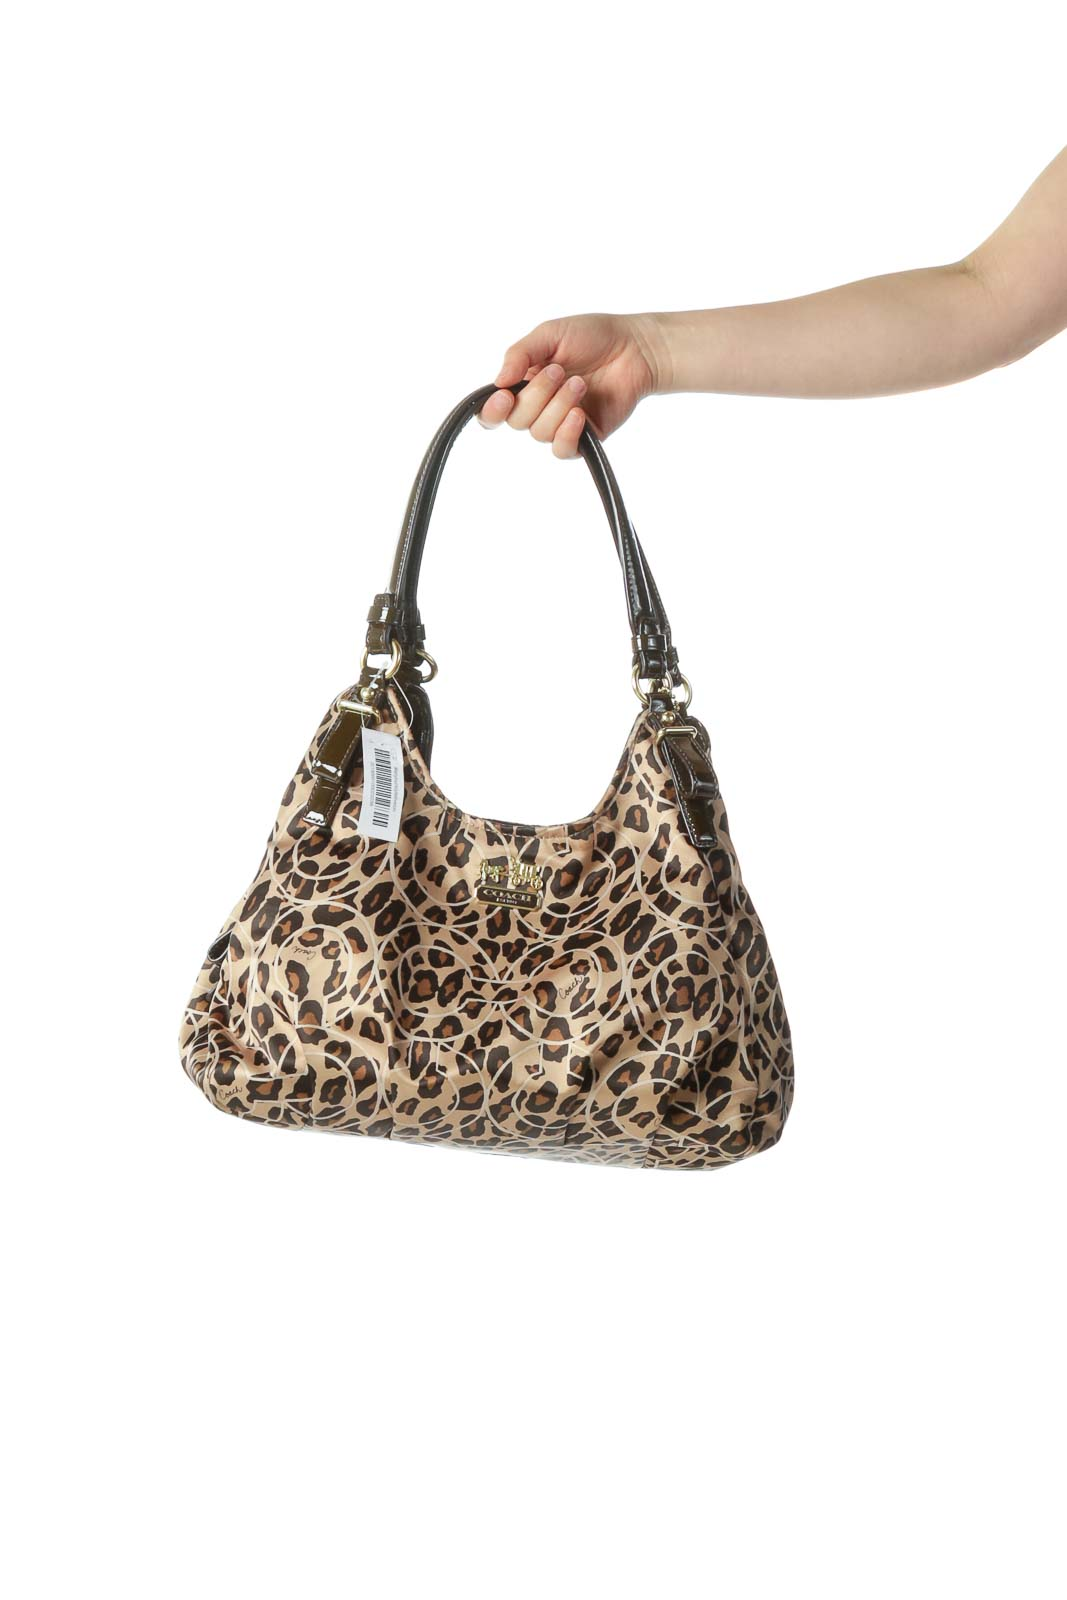 532570b3 Shop Gold Animal Print Shoulder Bag clothing and handbags at ...